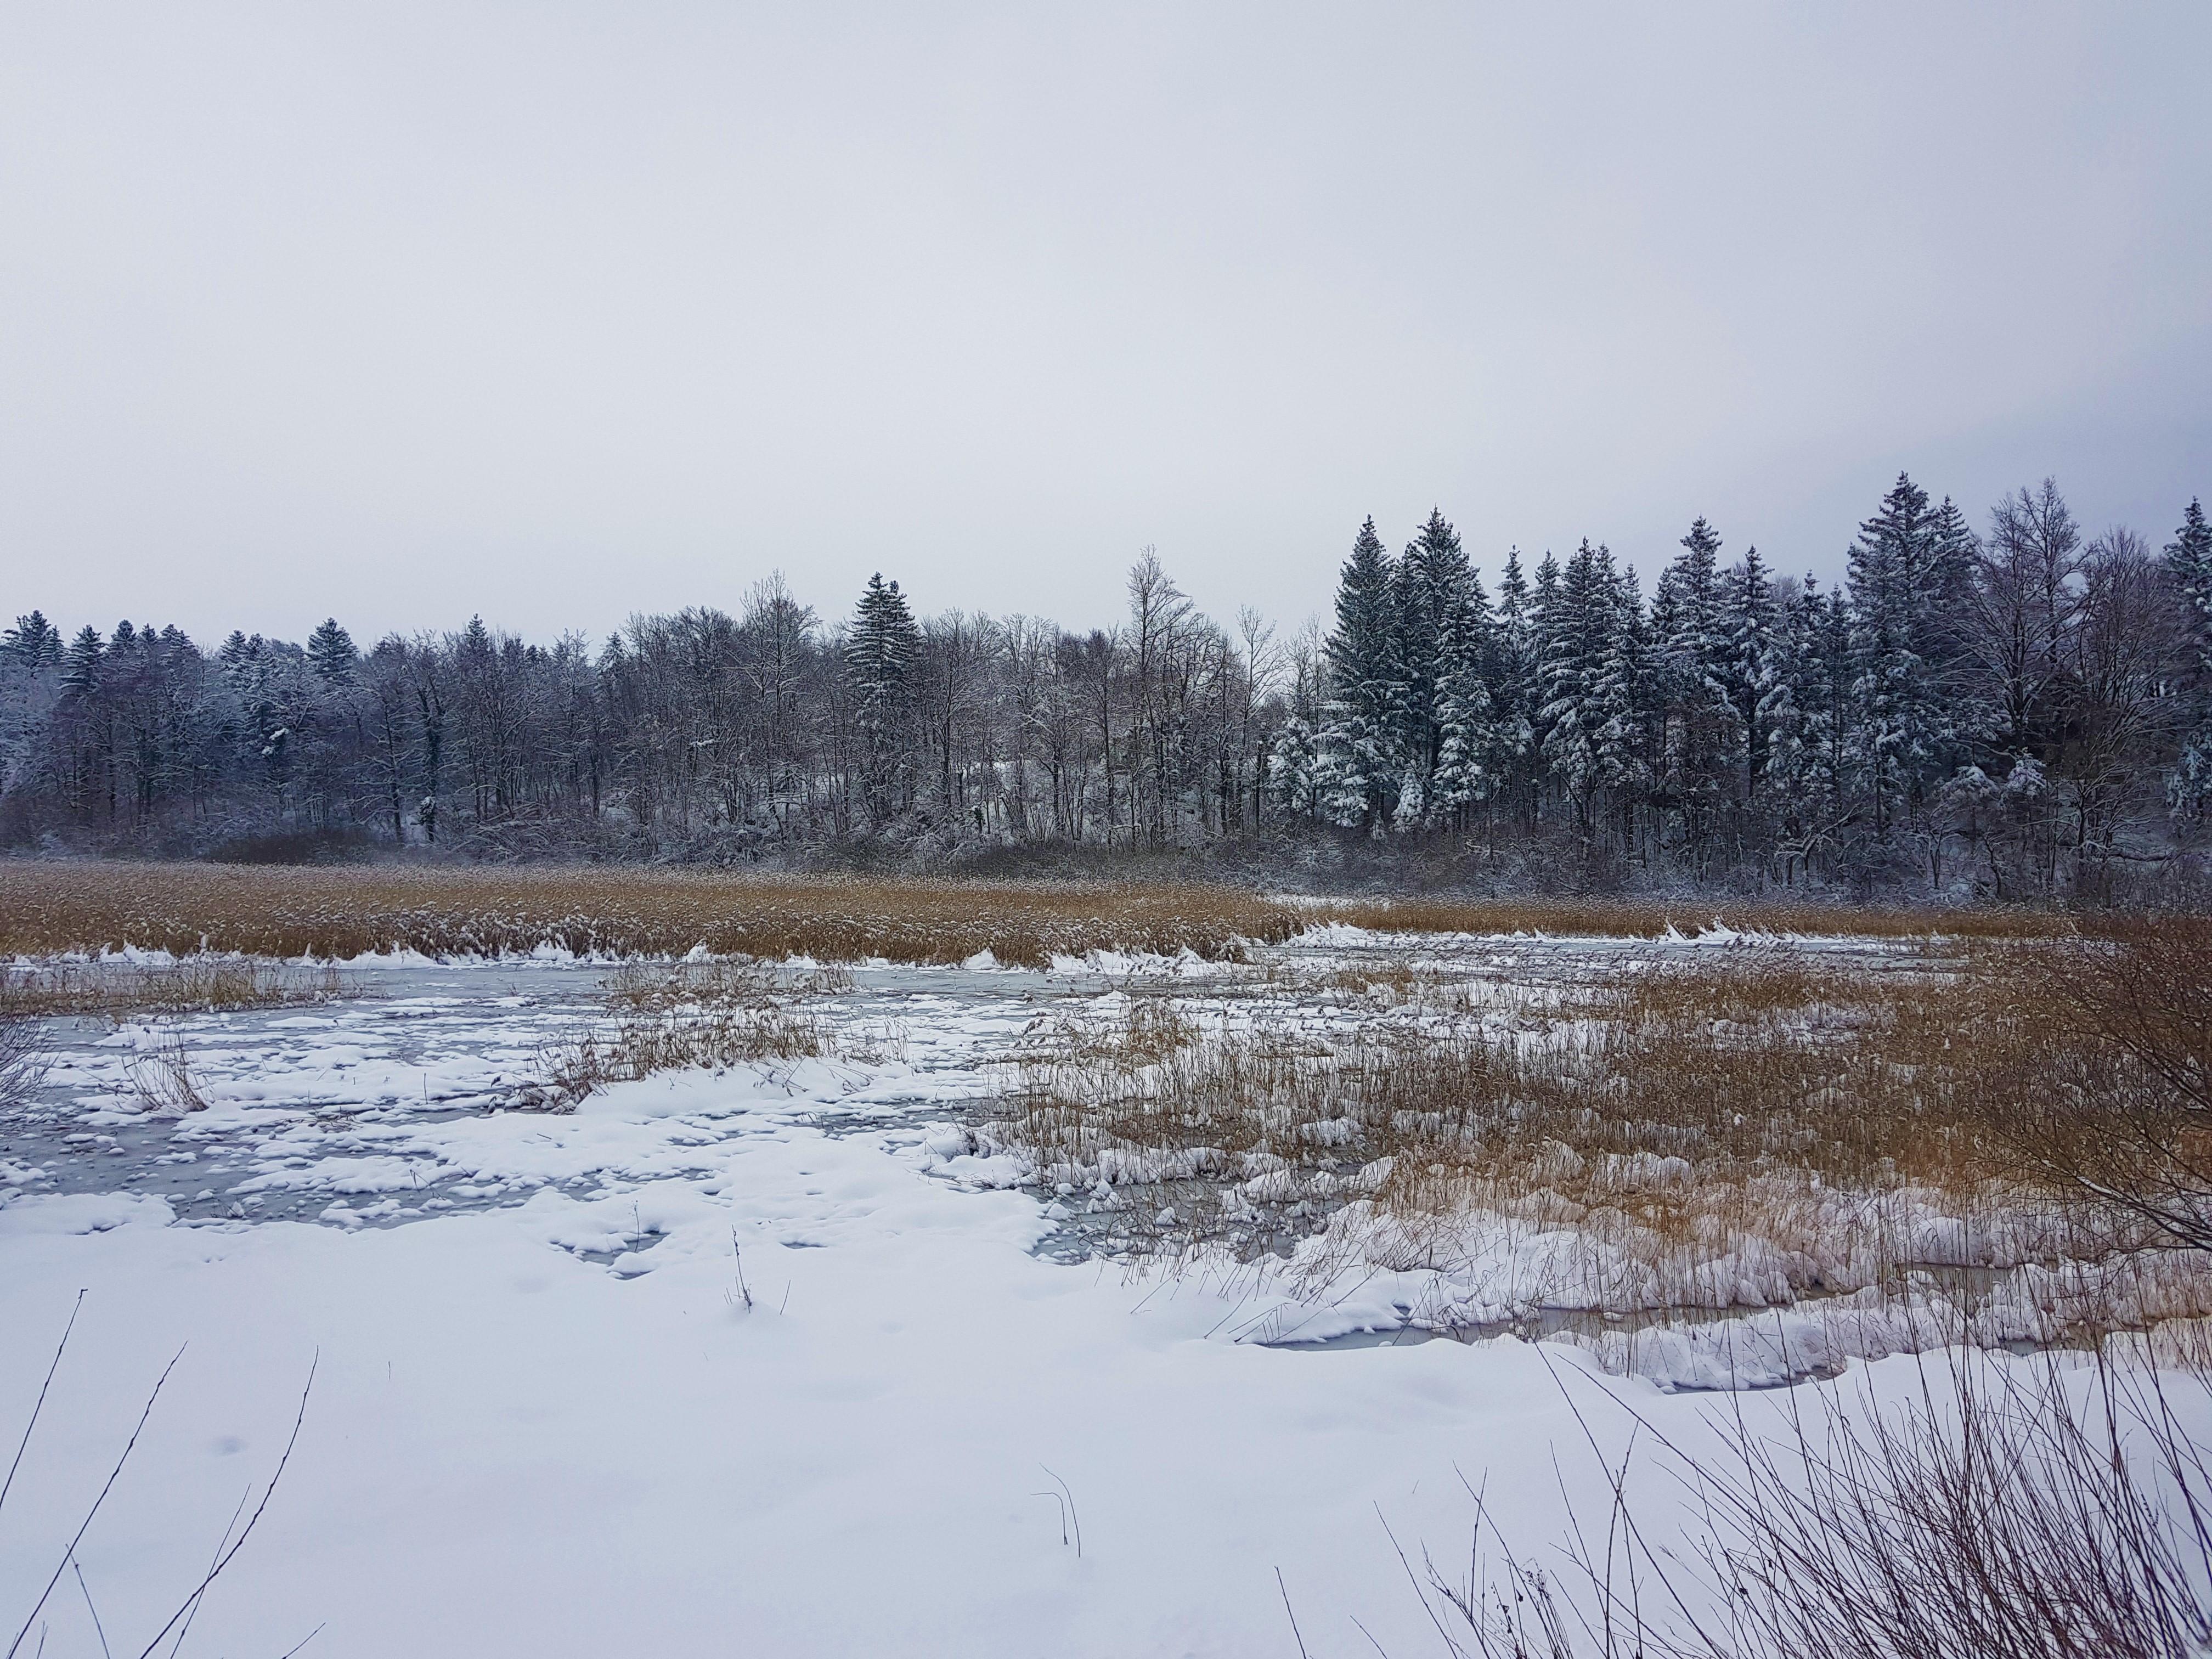 Tudi s te točke in z jezerskega brega par metrov naprej se ponujajo čudoviti pogledi na zimsko pravljico.